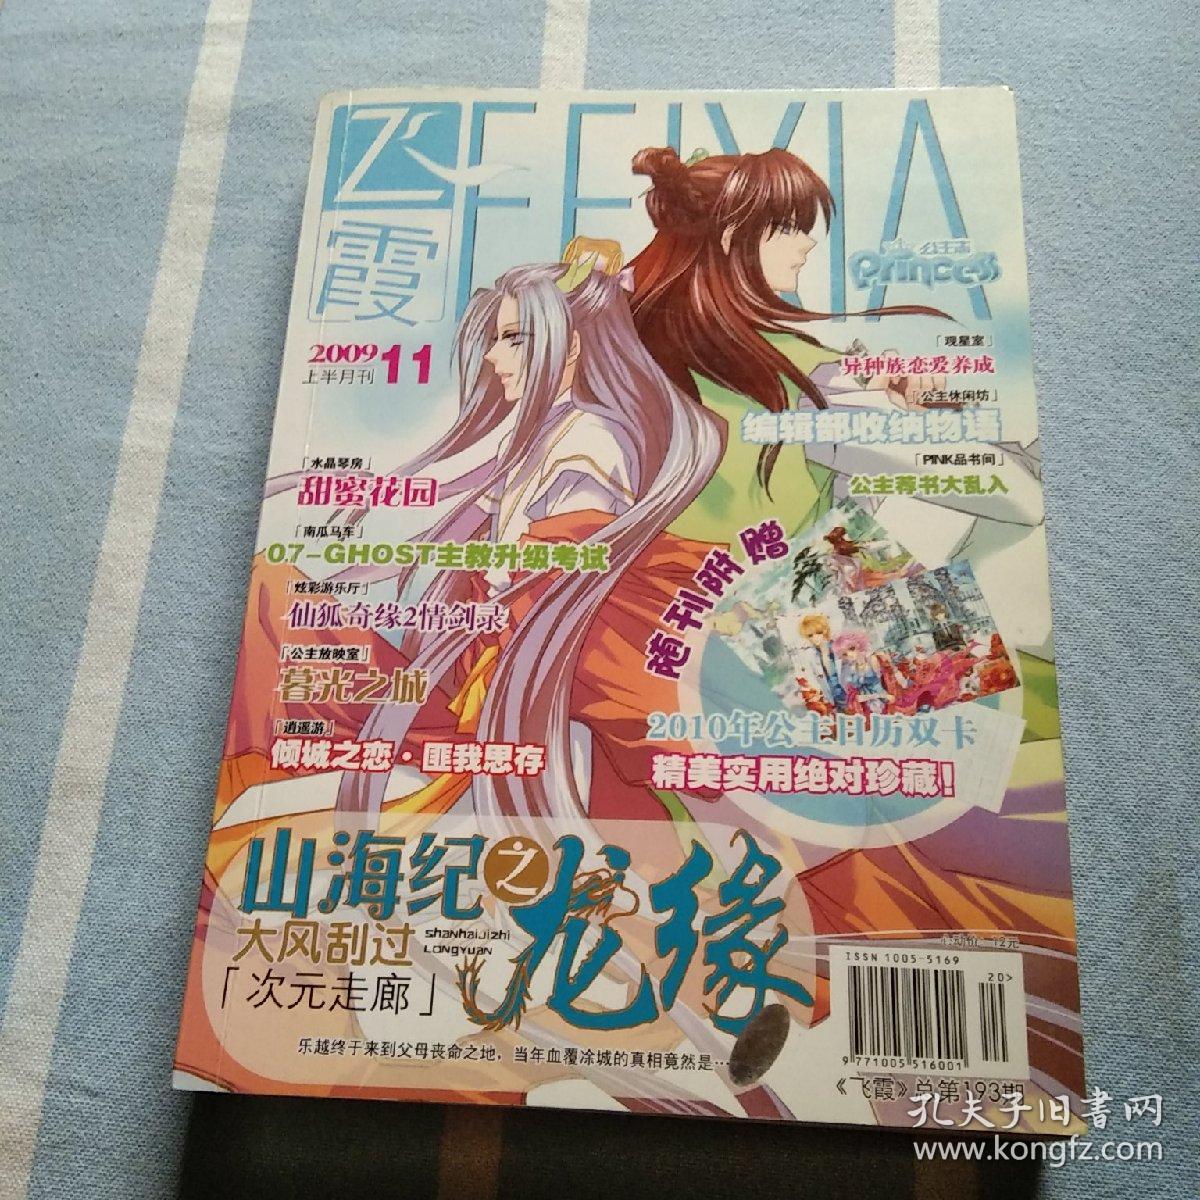 飞霞 公主志 2009上半月刊11上